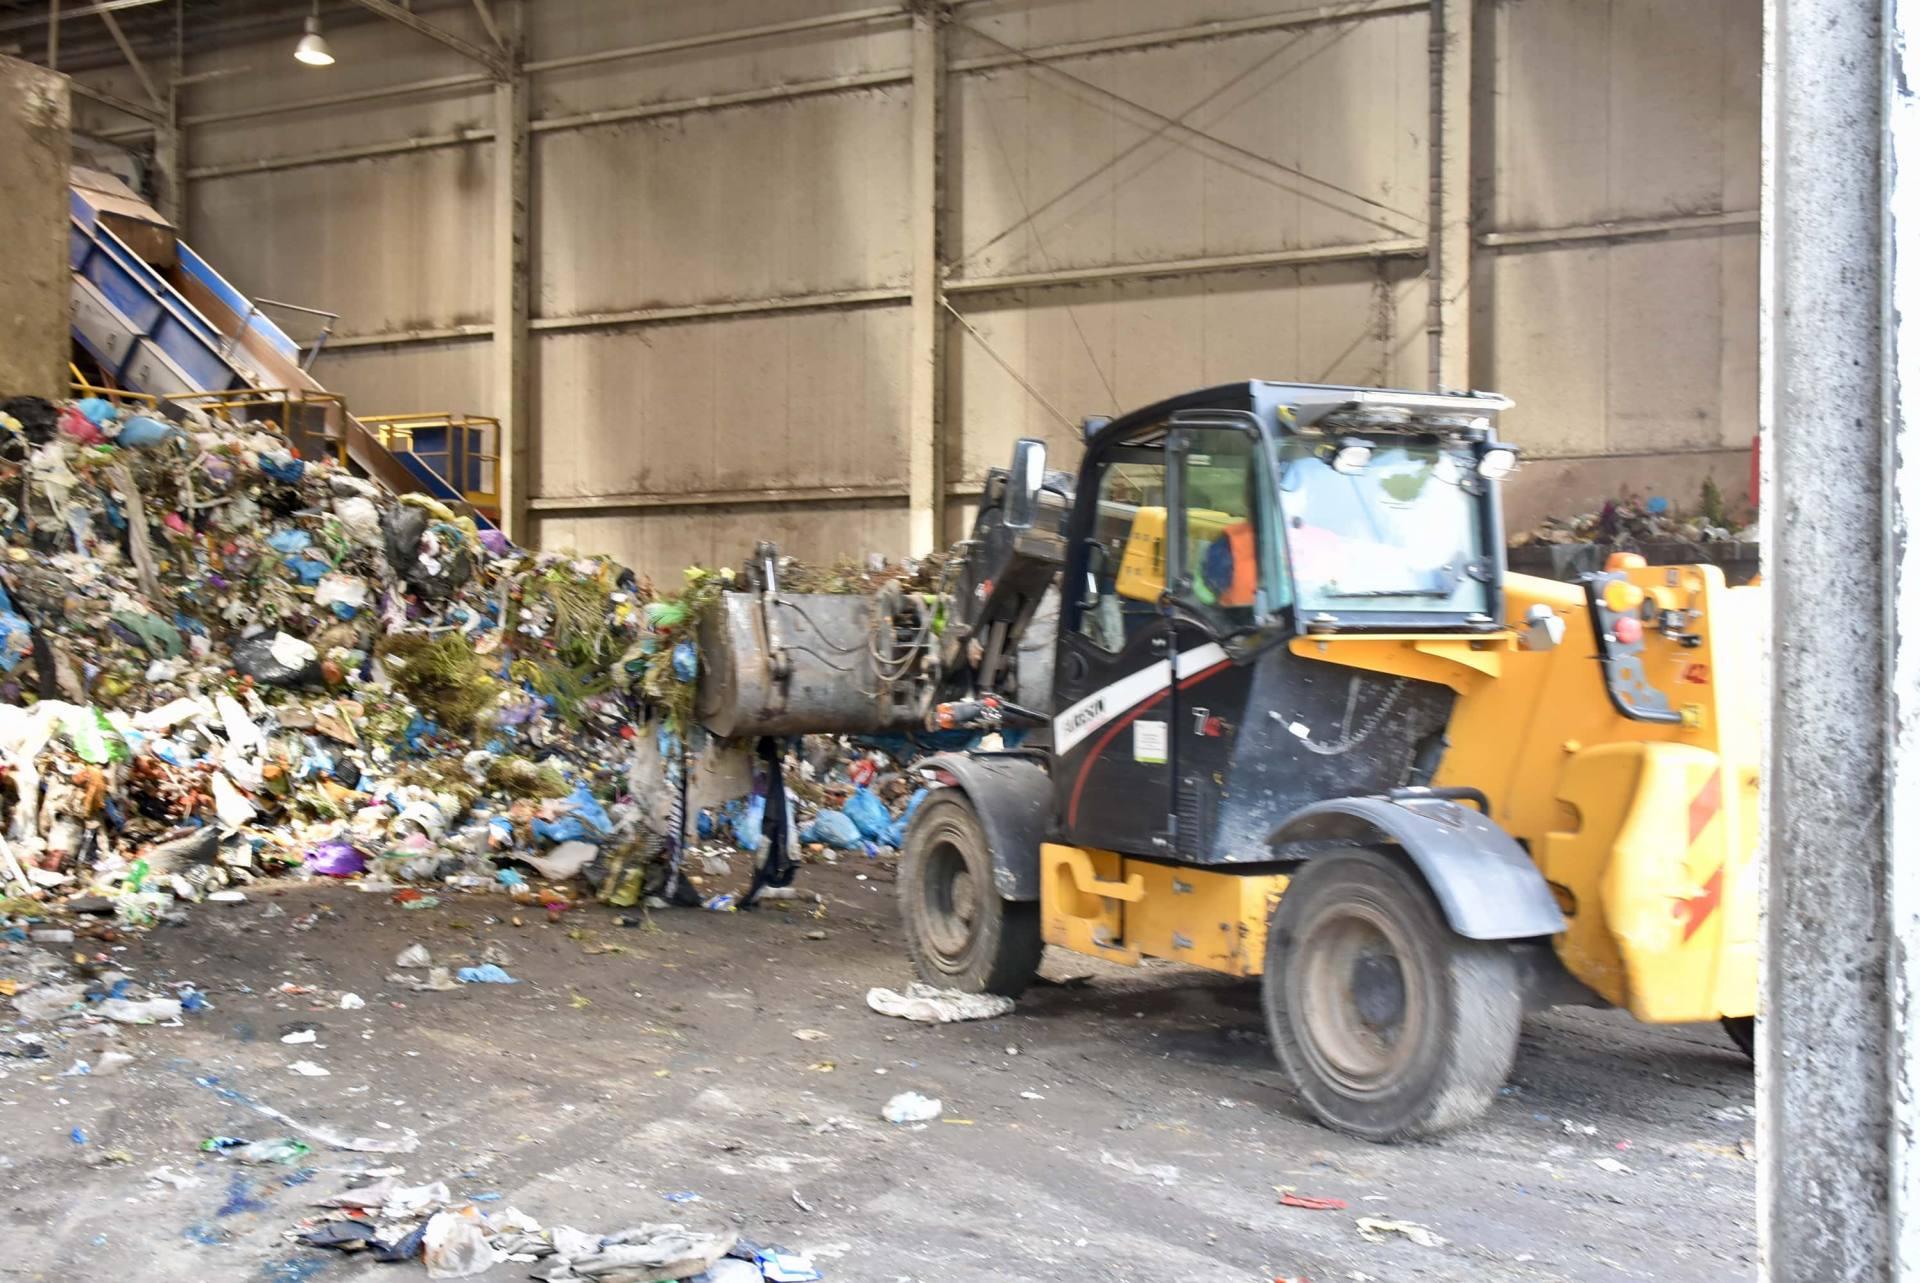 dsc 7933 Konferencja prasowa dotycząca gospodarki odpadami [WIDEO]